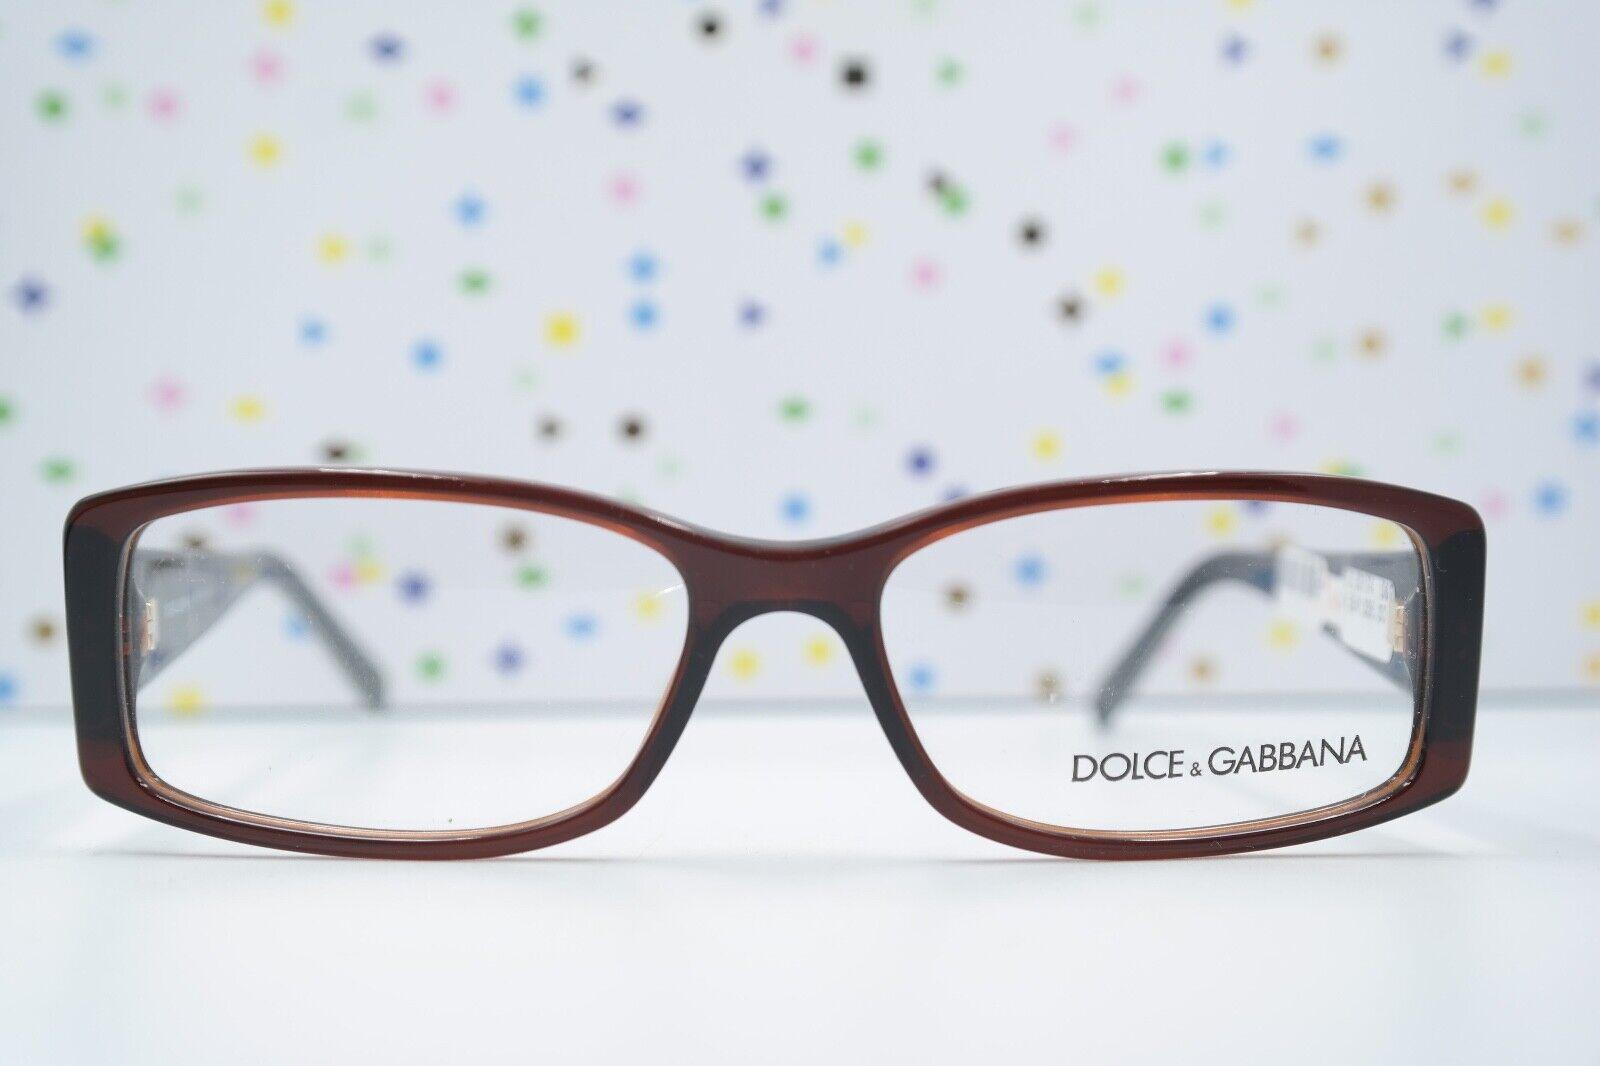 Brille Brillengestell Dolce Gabbana DG 3076 1830 braun Logo 53/15 140 NEU